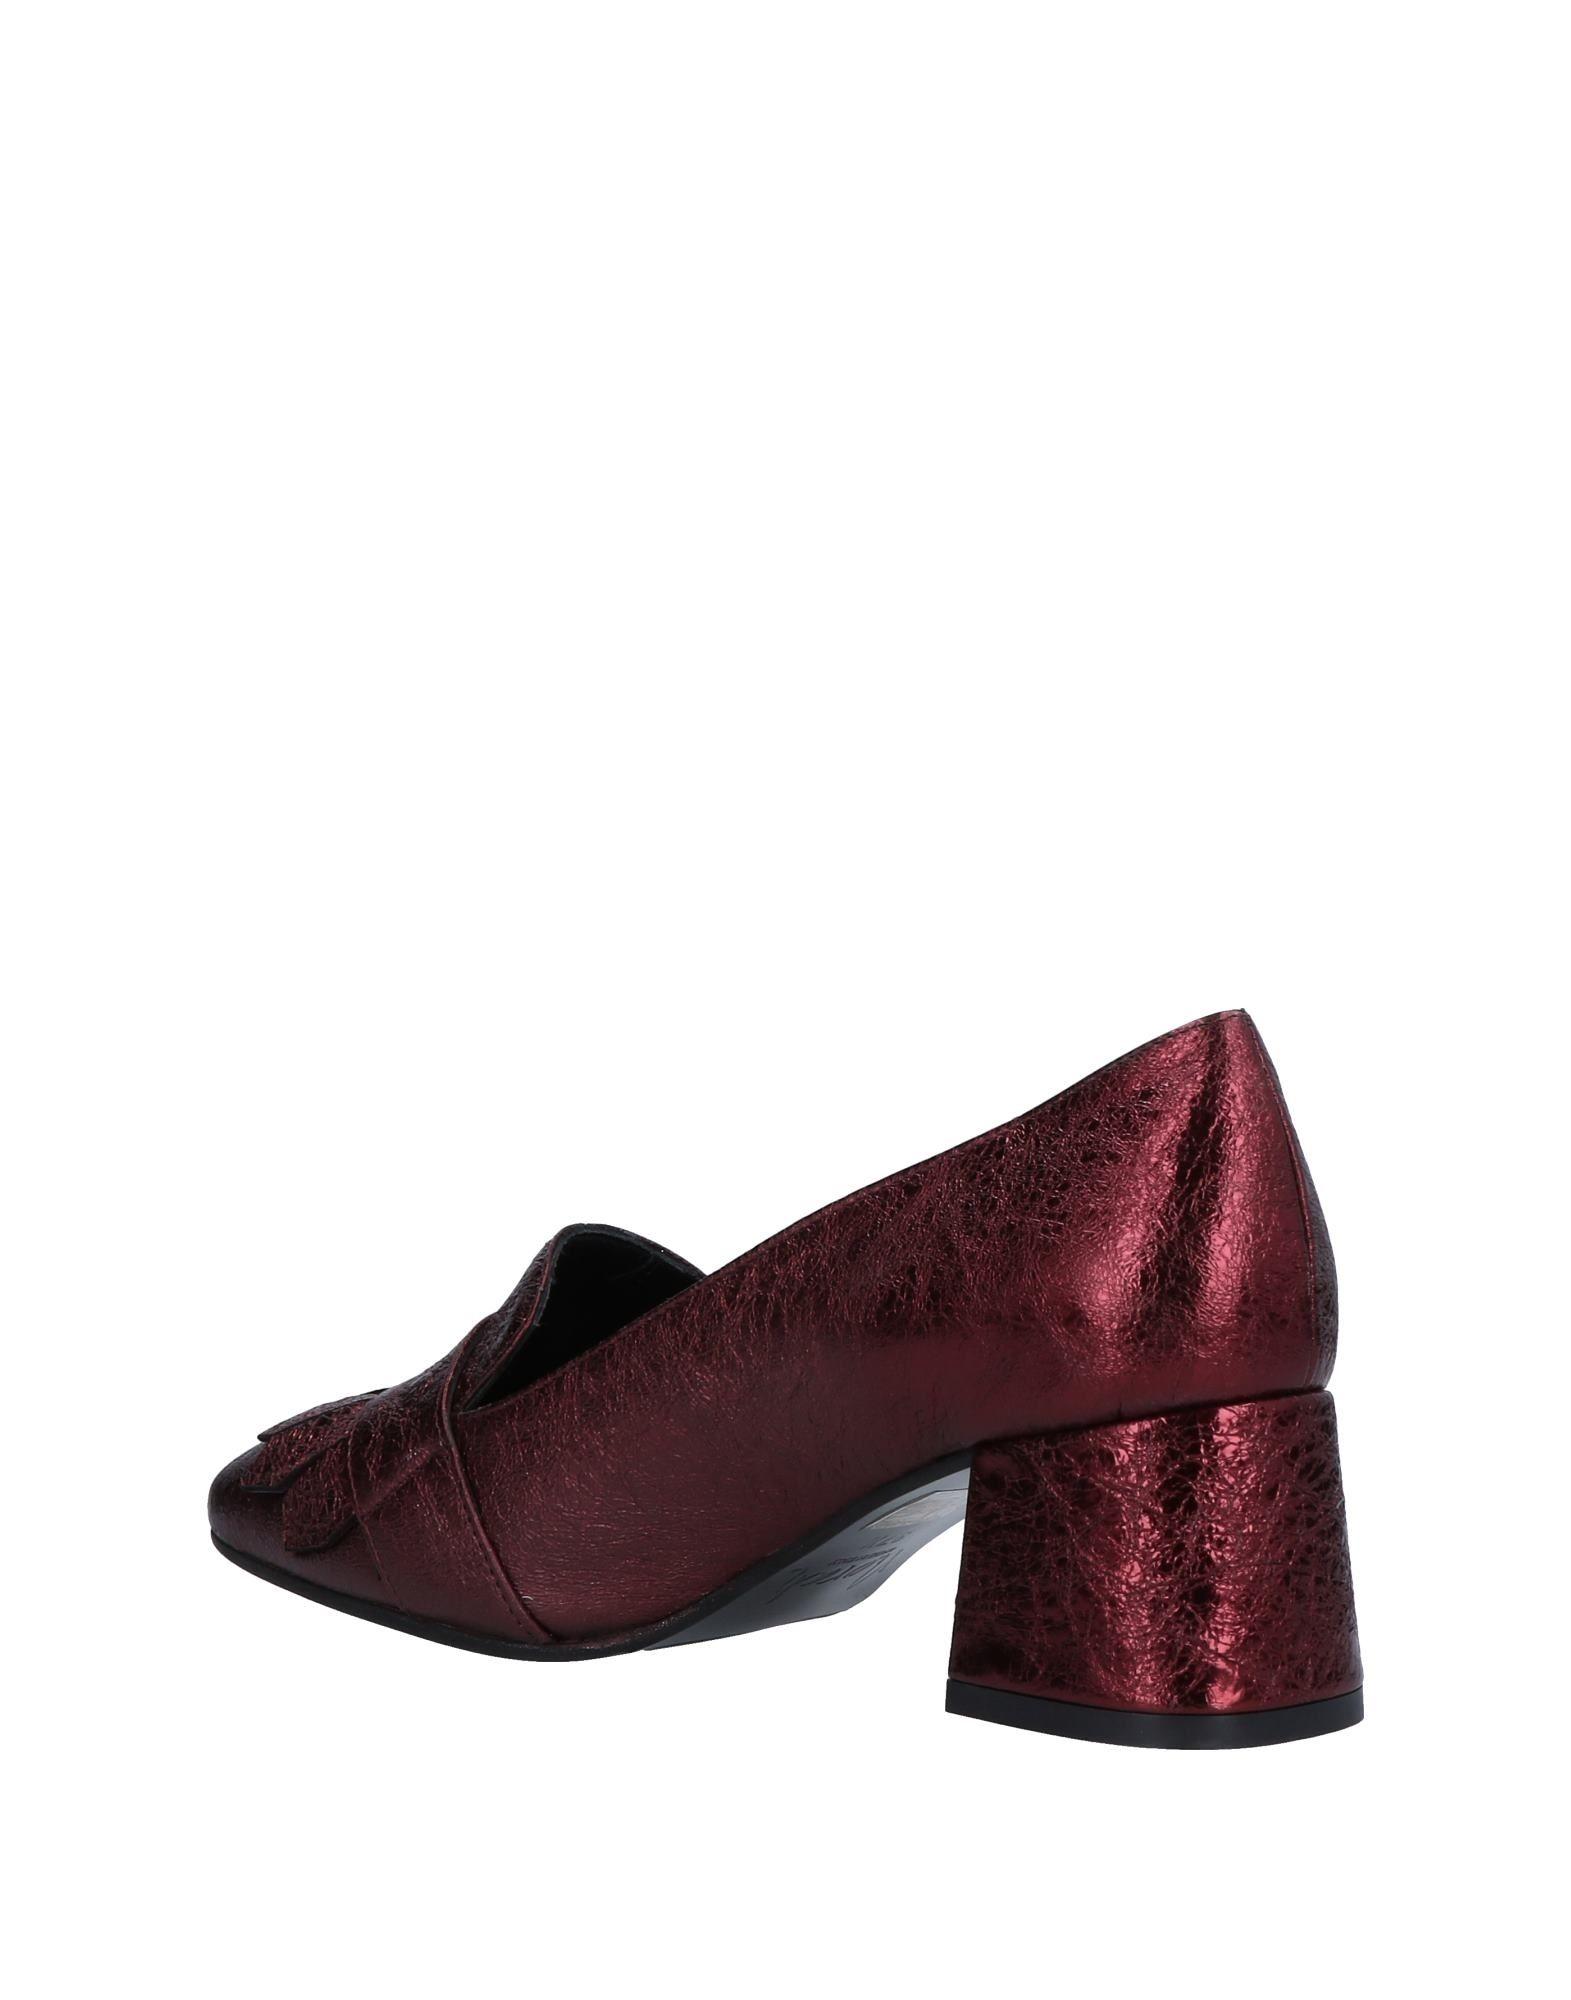 Norah 11522955QU Mokassins Damen  11522955QU Norah Gute Qualität beliebte Schuhe 9d91dc